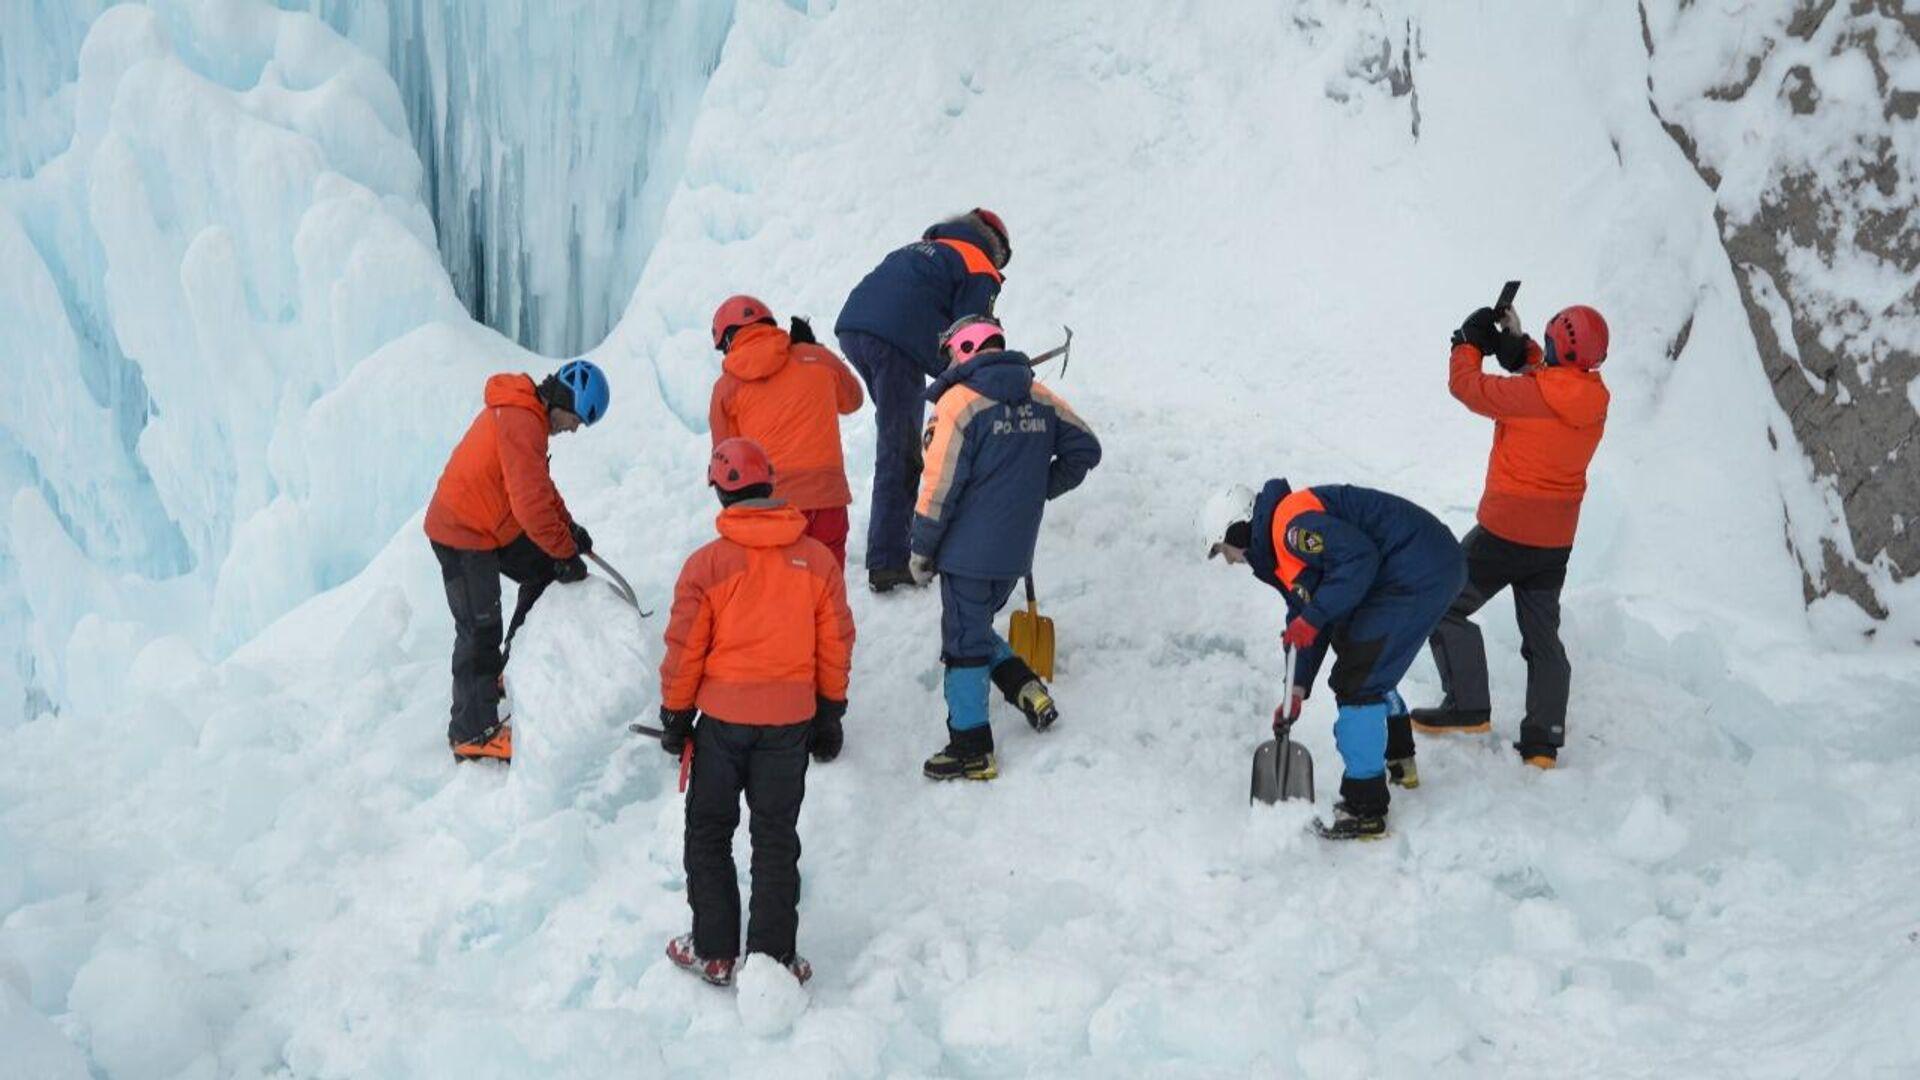 Спасатели работают у Вилючинского водопада в Камчатском крае, где обрушился лед - РИА Новости, 1920, 08.01.2021